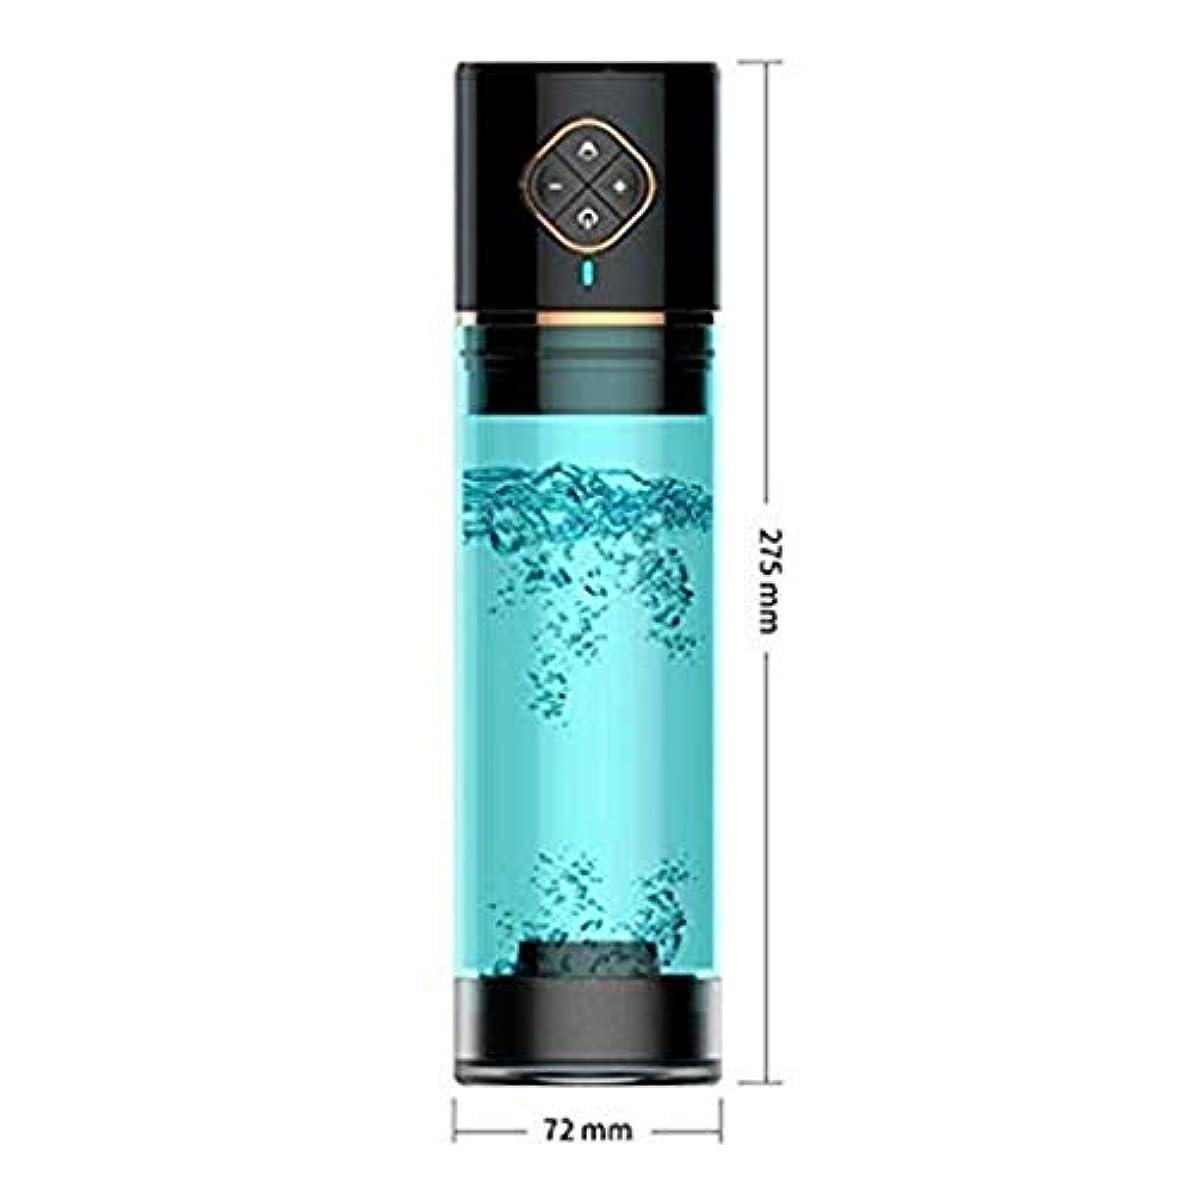 図セッション自我Risareyi 男性の引き伸ばしポンプ自動空気圧ポンプPenǐsextenderエンハンサー-男性用リラクゼーションデバイス